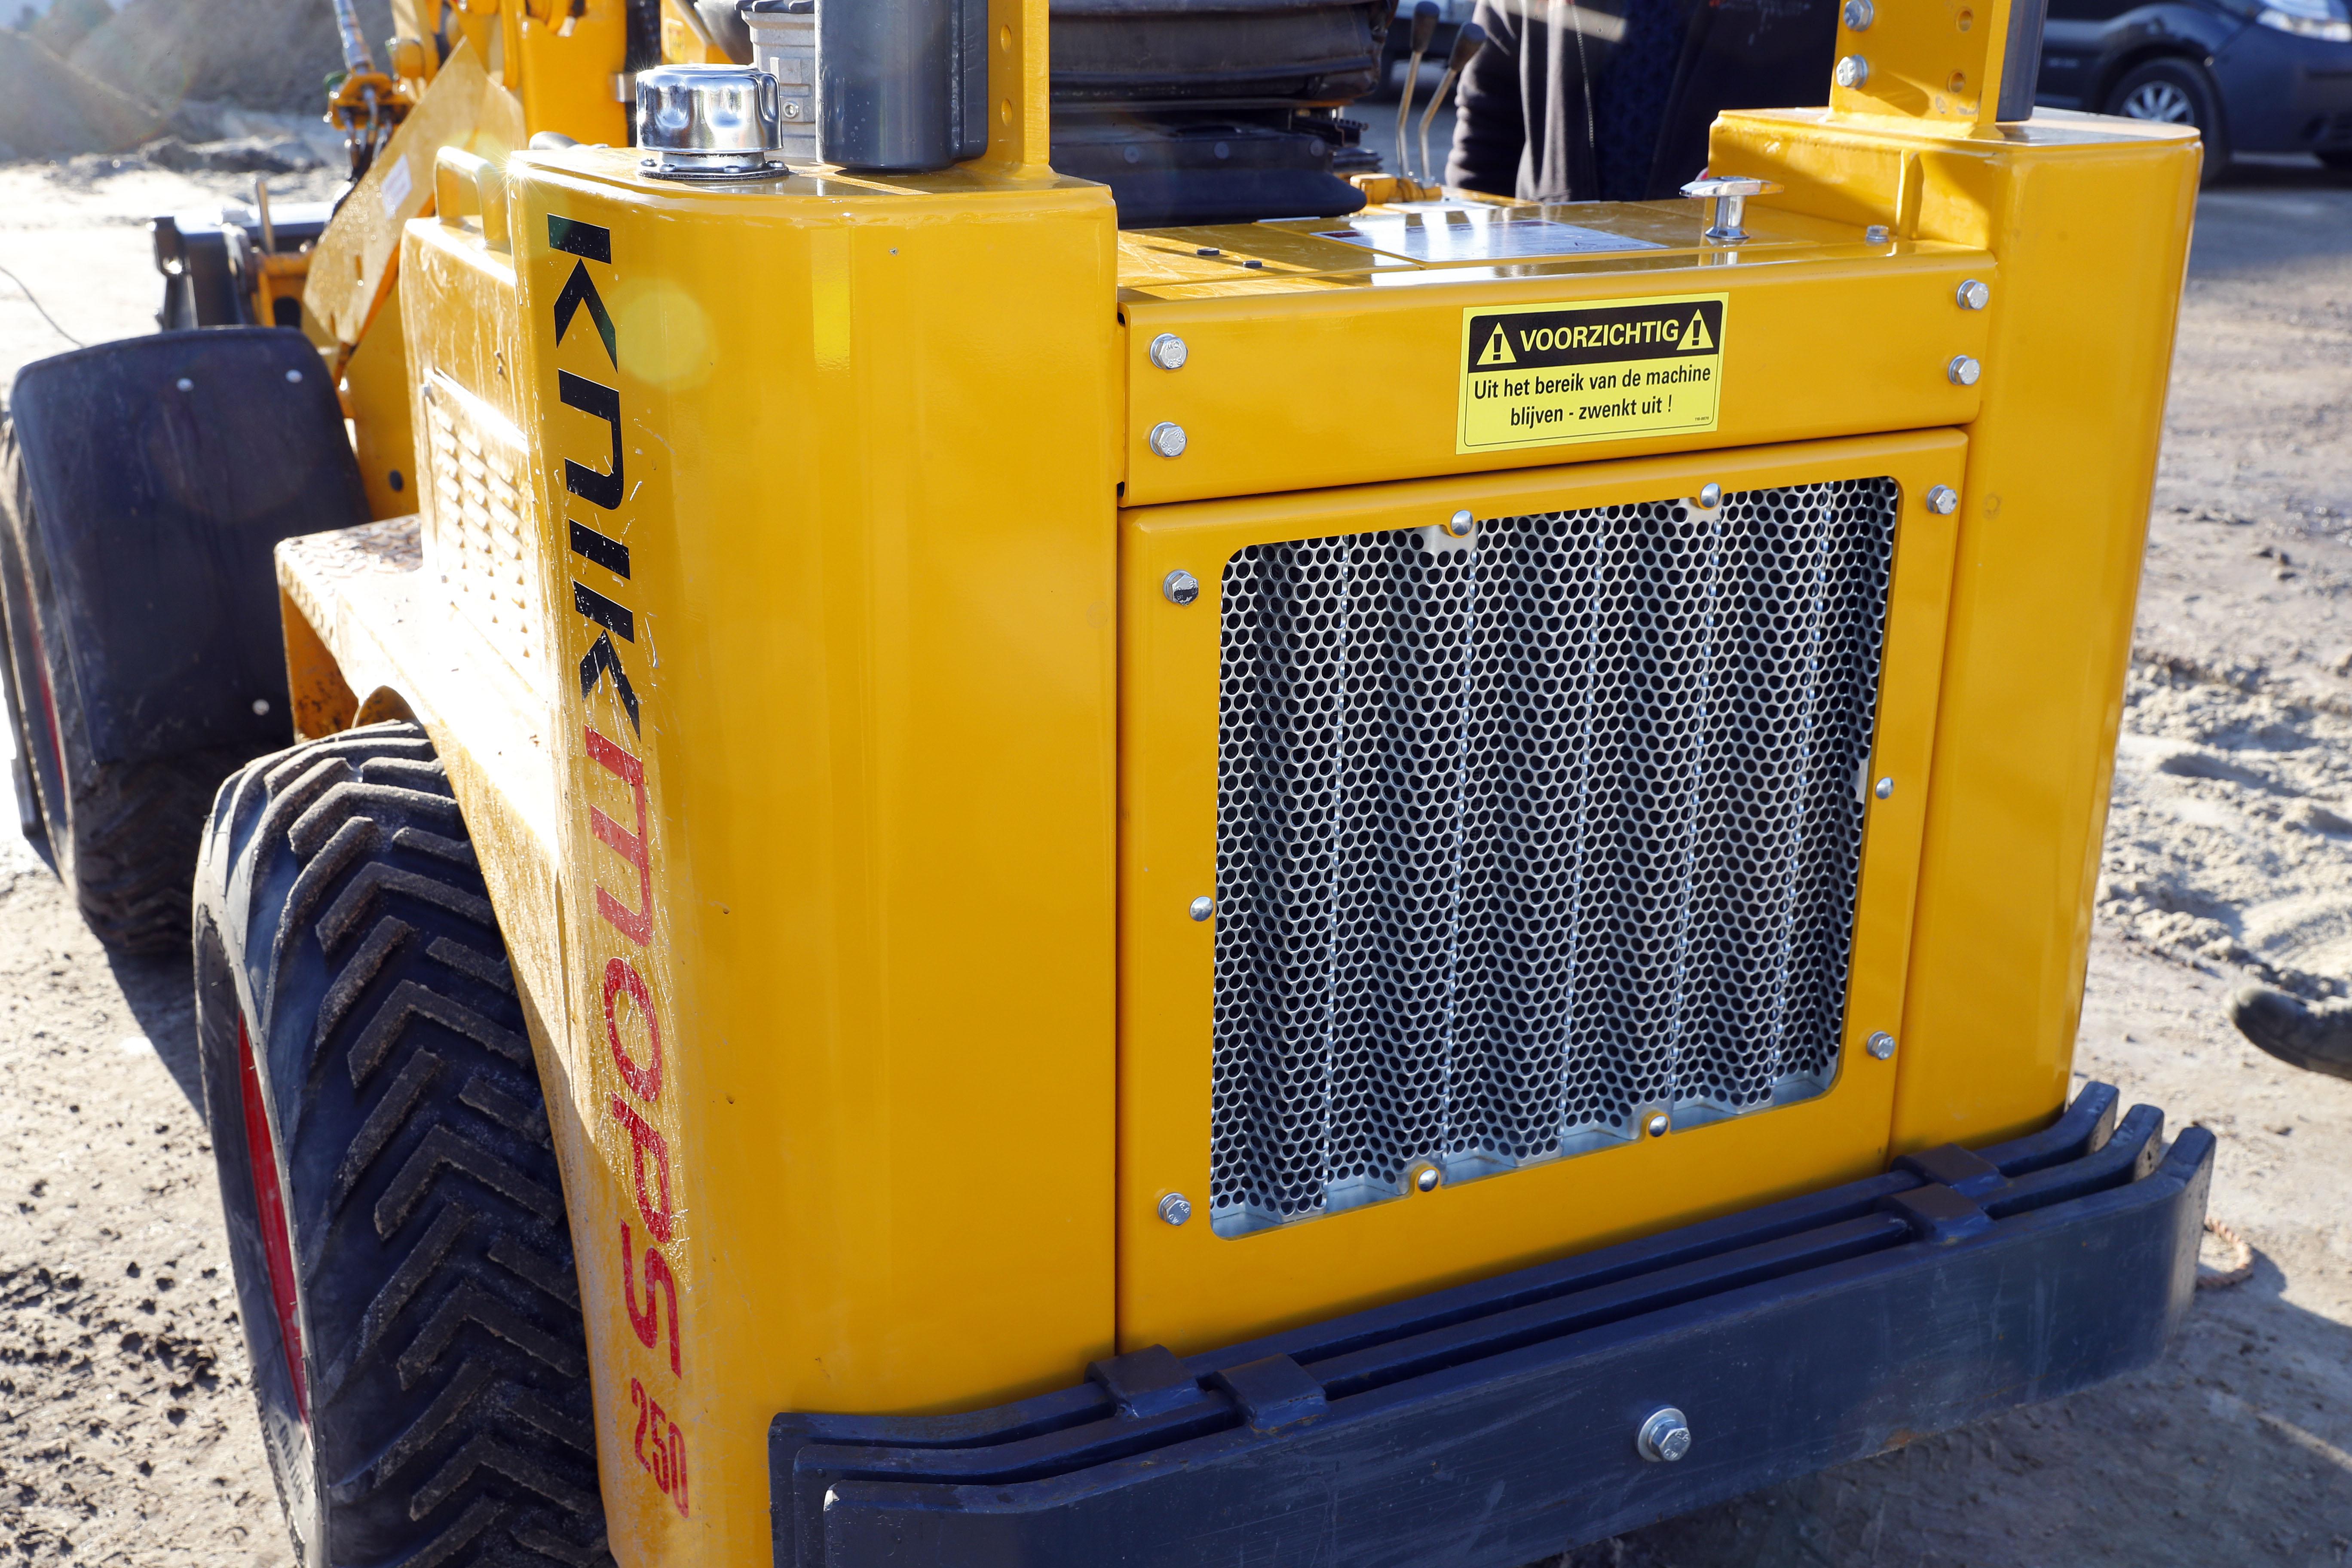 <p>De grille van de nieuwste modellen Knikmops machines is zodanig aangepast dat het koeloppervlakte is vergroot en er minder geluid wordt geproduceerd.</p>